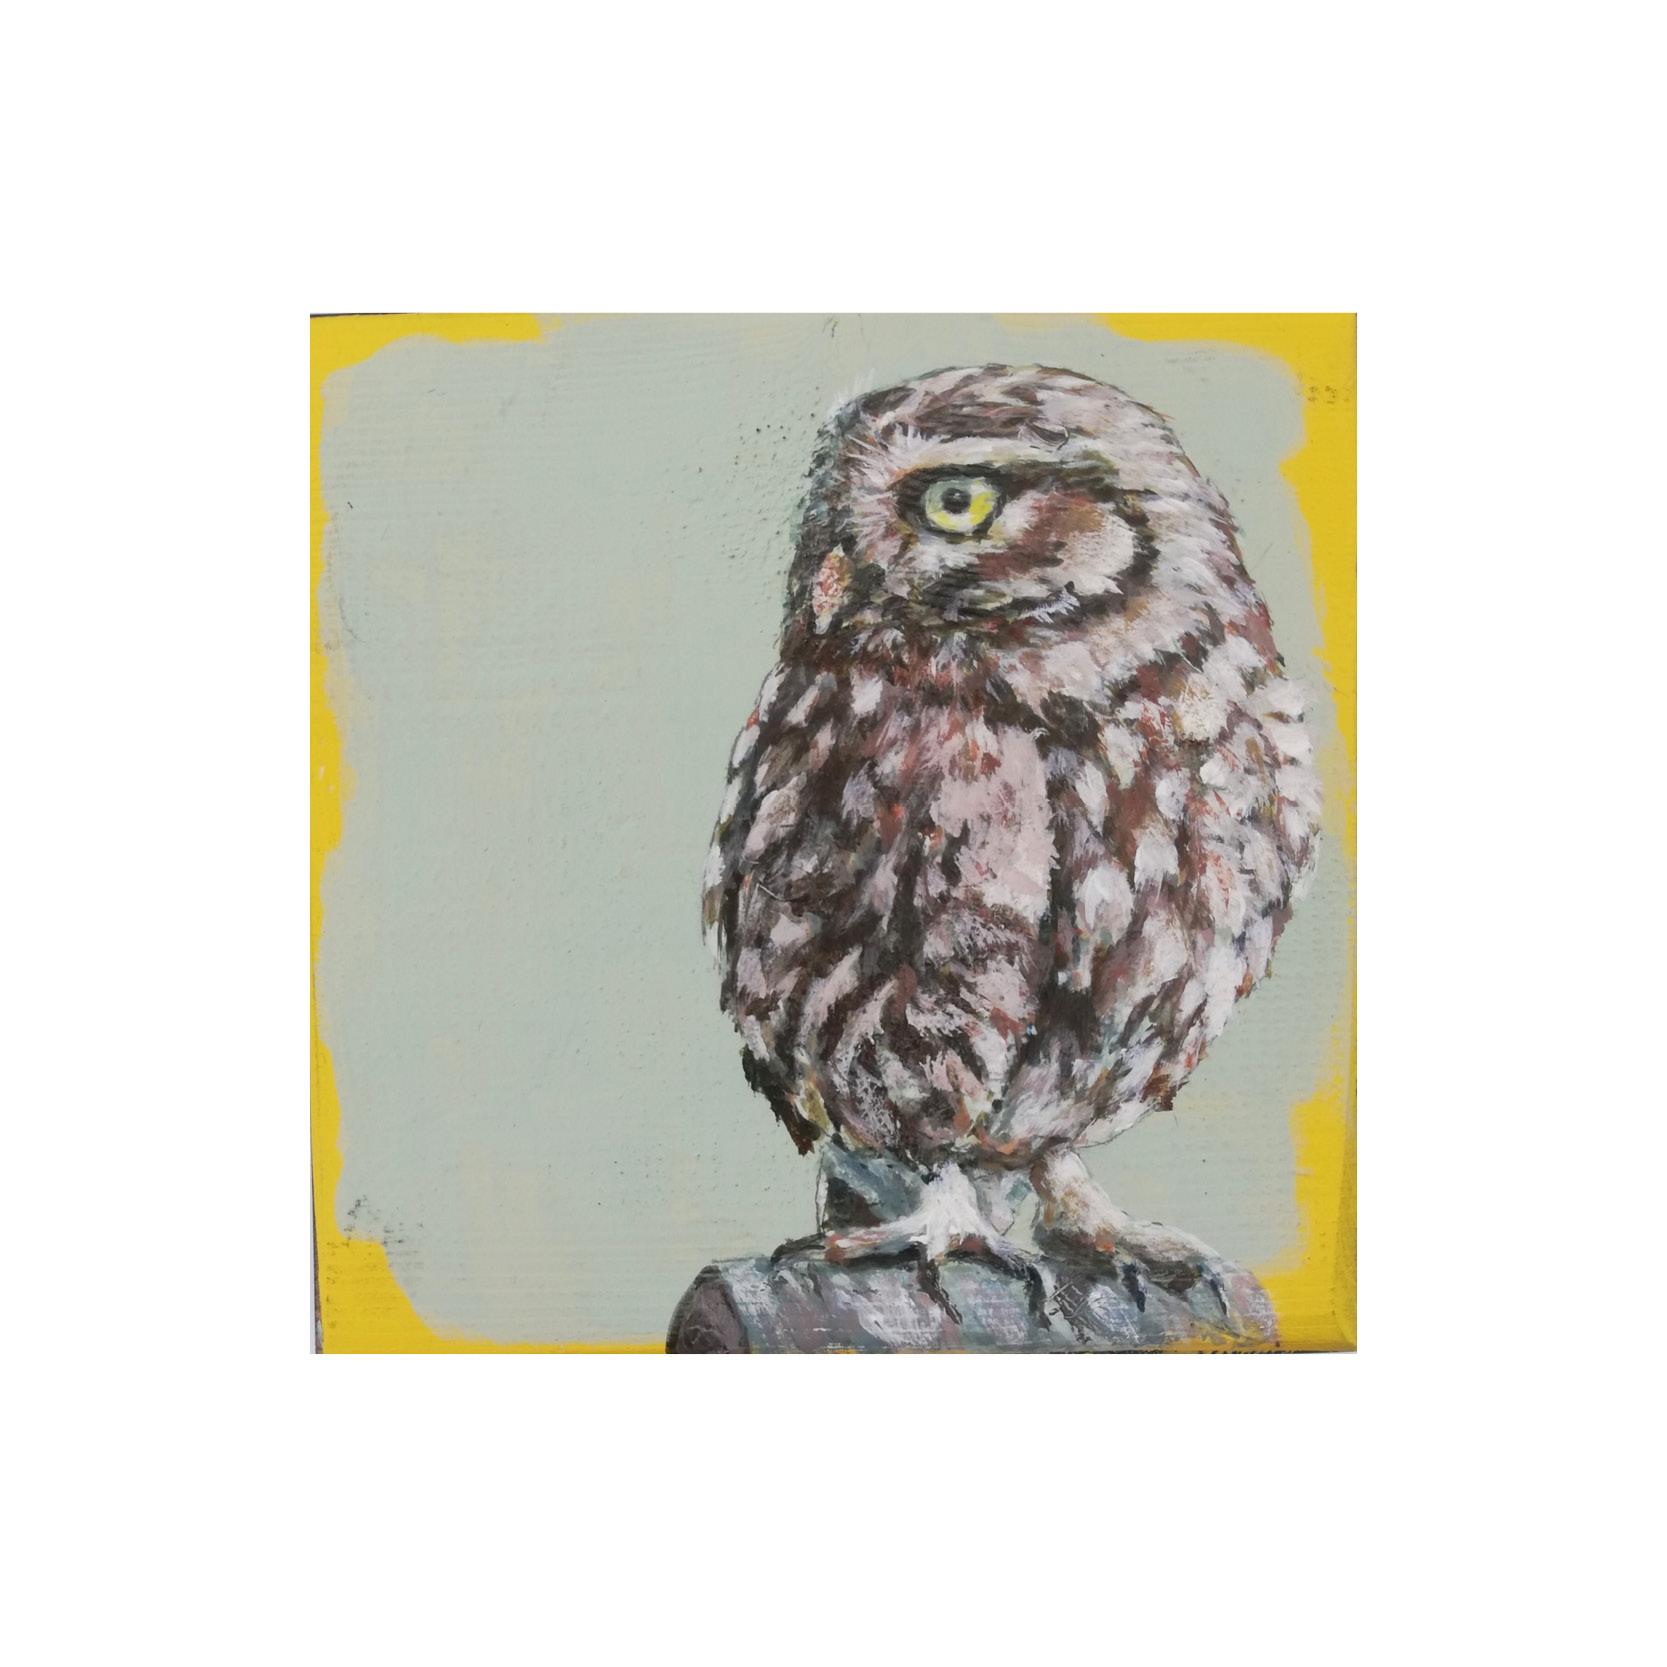 Steve Ferguson - Little Owl on Post